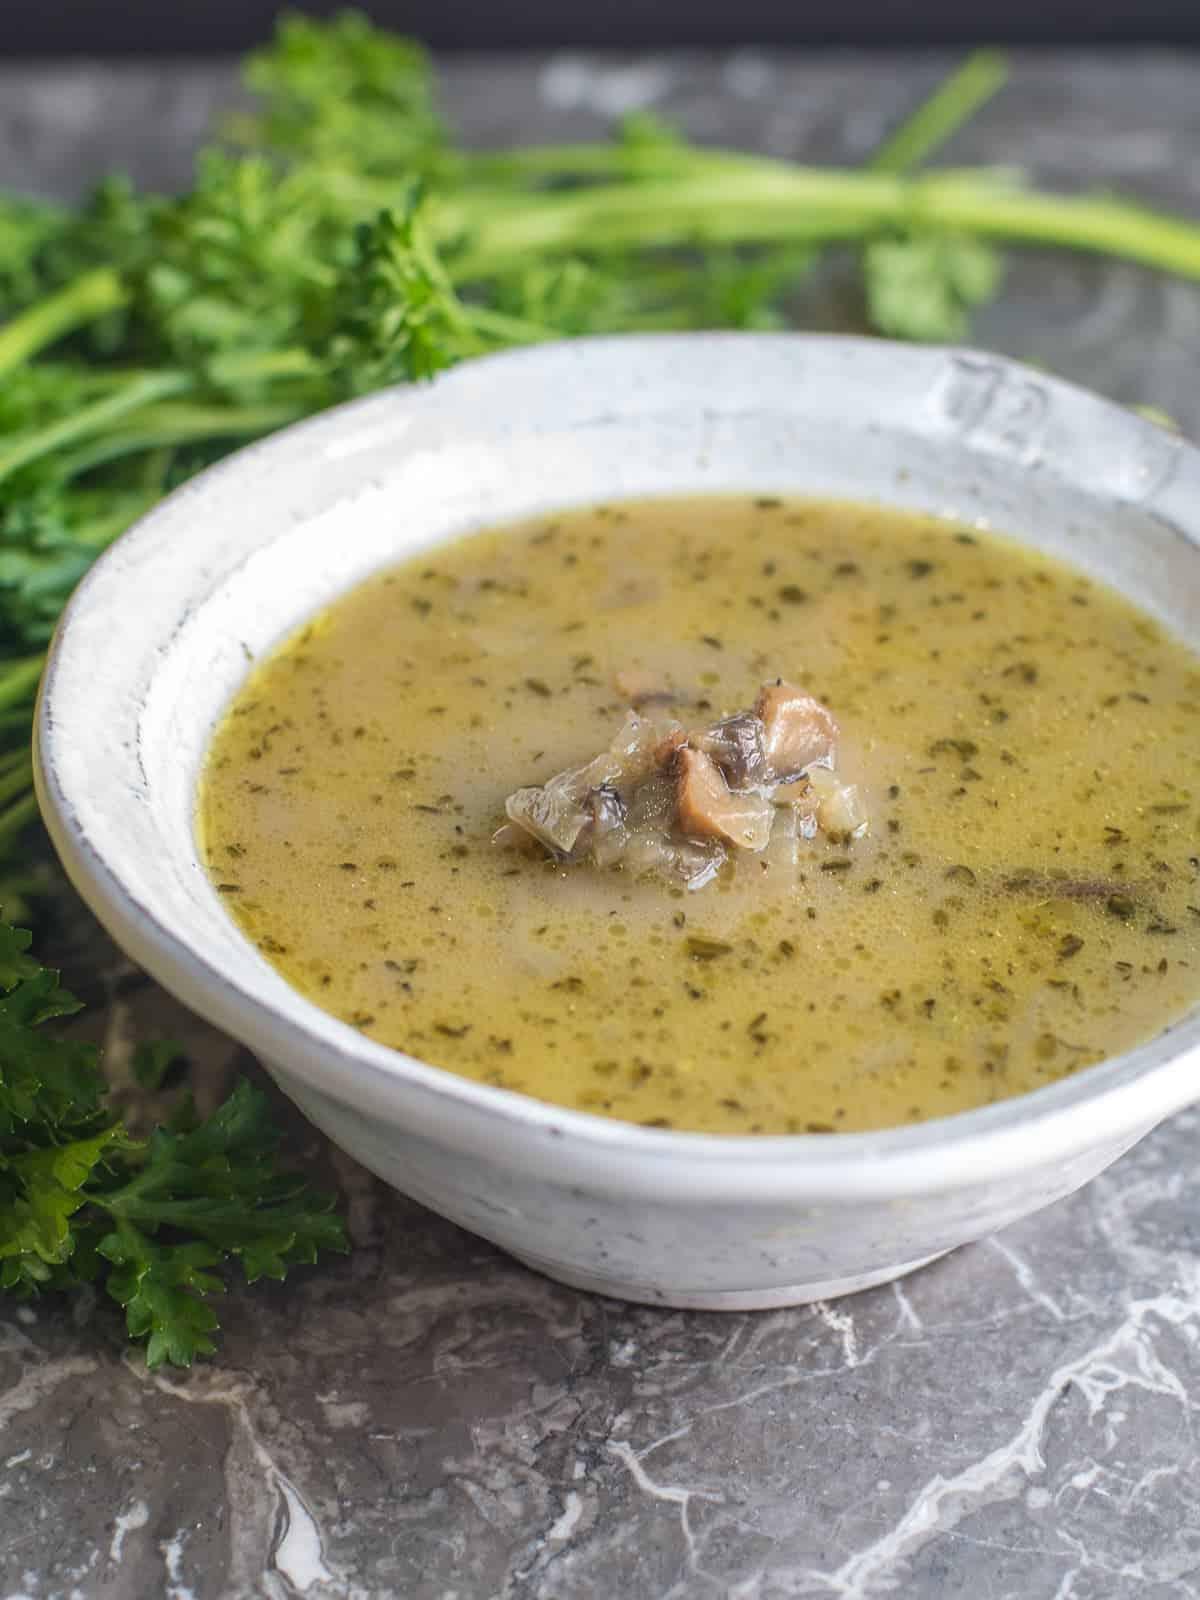 paleo cream of mushroom soup recipe in a bowl